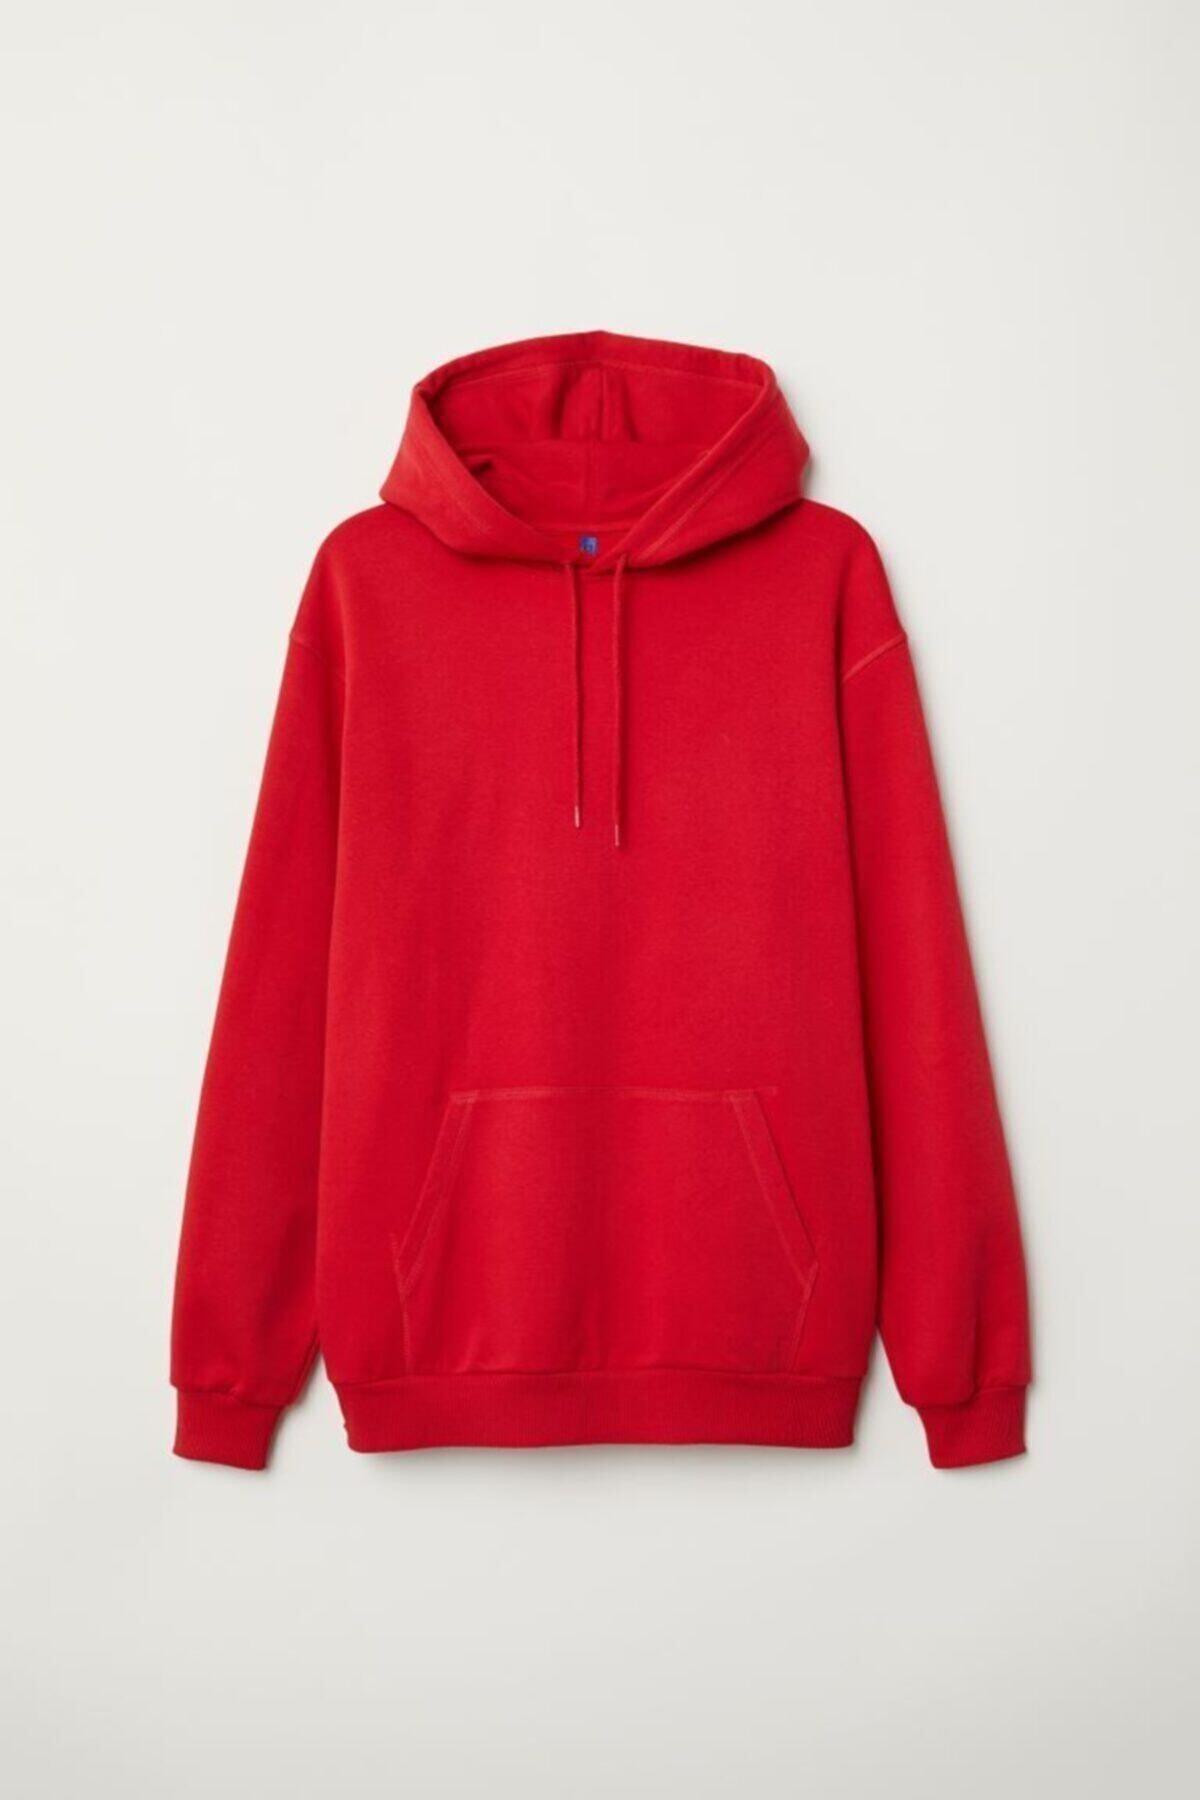 Kırmızı Oversize Unisex Sweatshirt Cepli